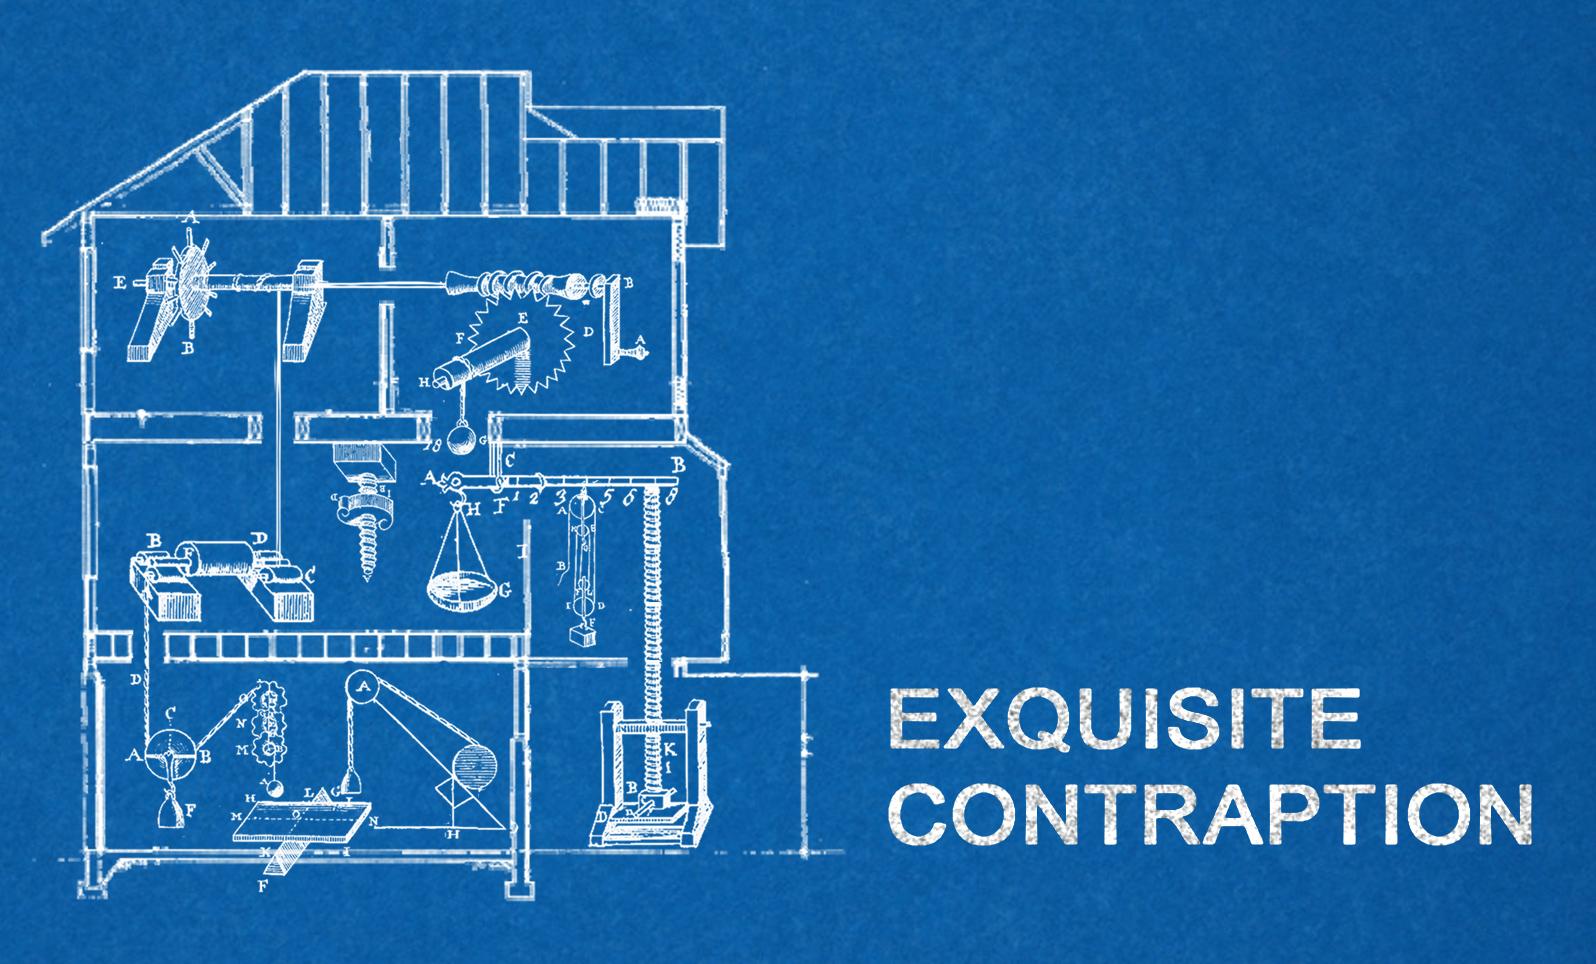 Exquisite Contraption